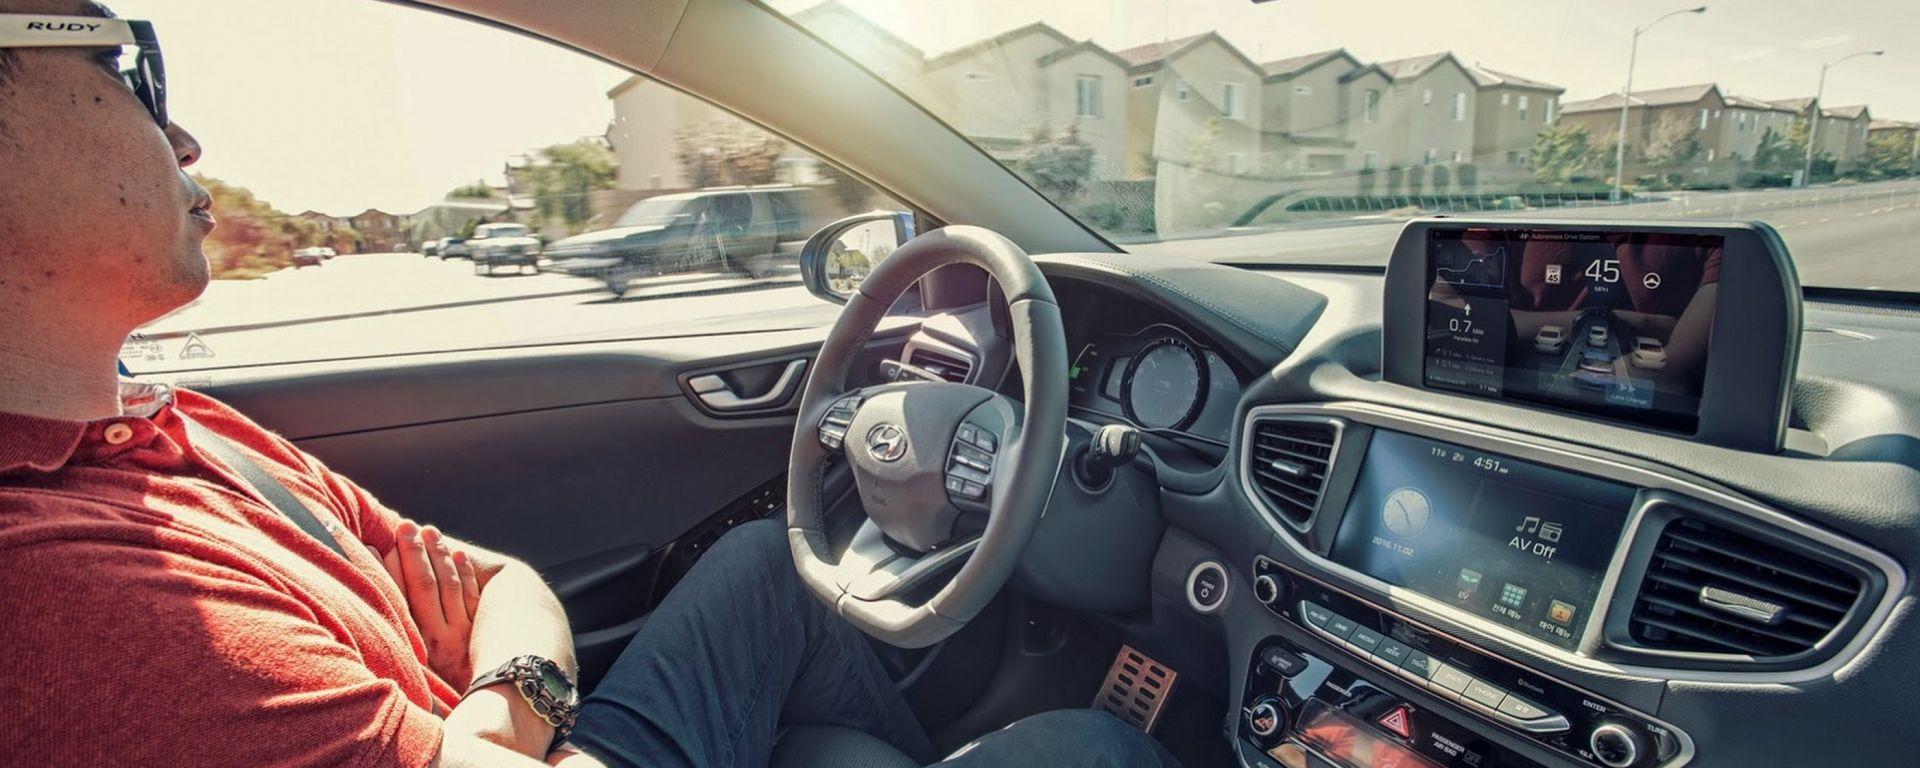 Guida autonoma: cosa ne pensano gli automobilisti?